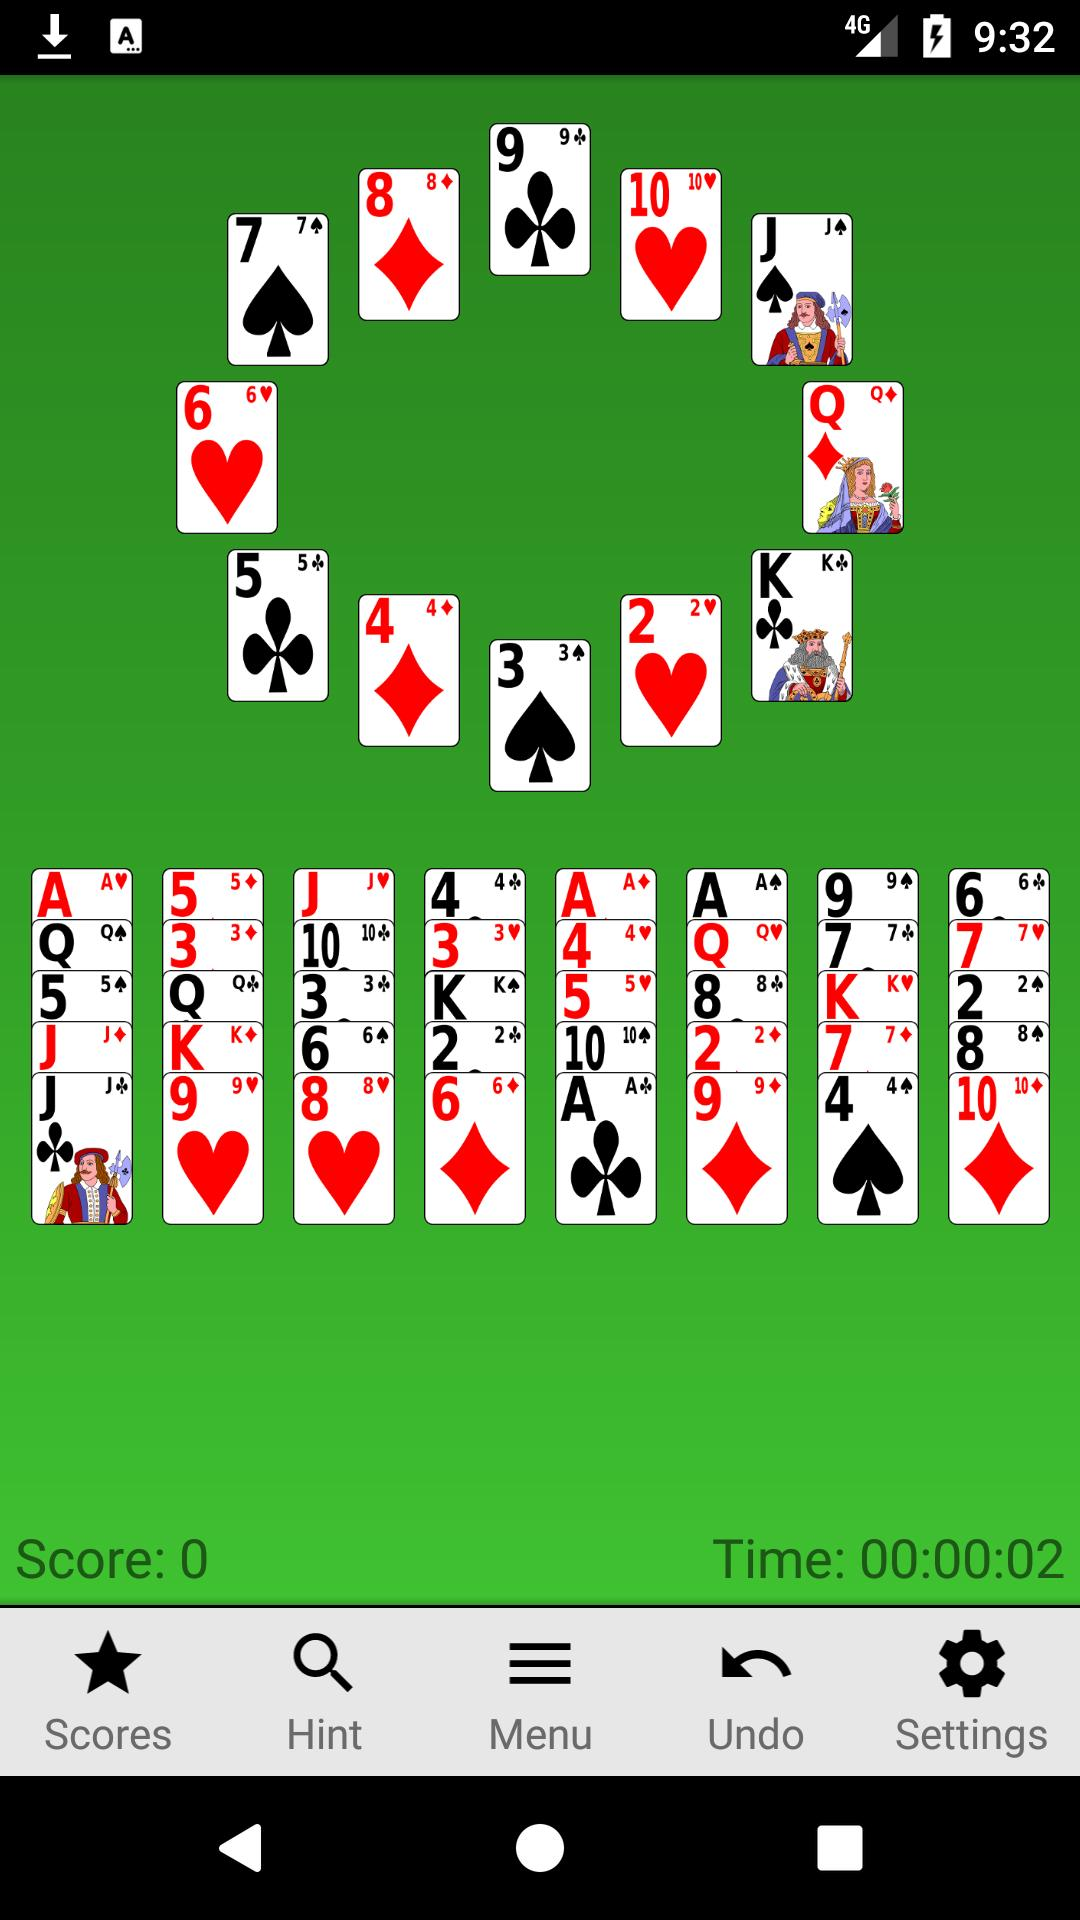 Косынка паук играть карты посоветуйте честное онлайн казино